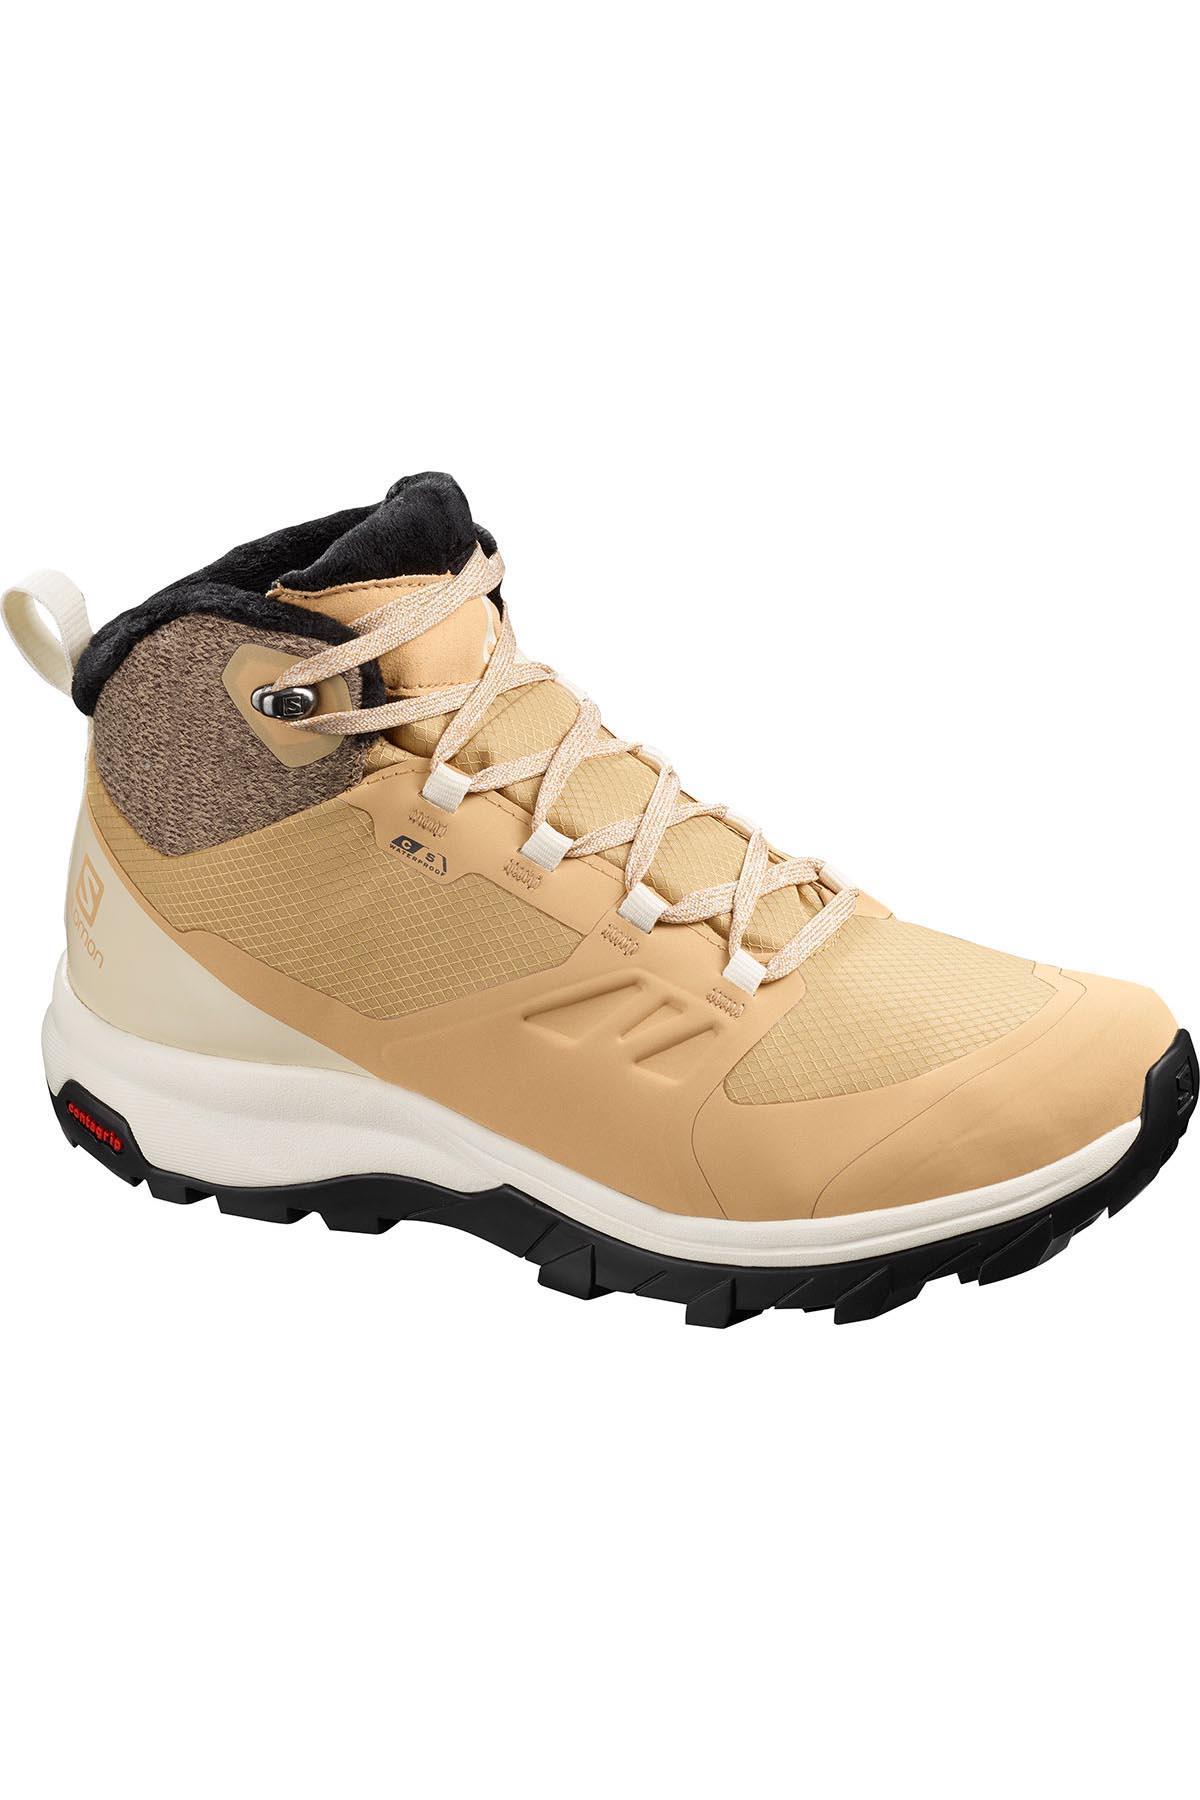 Salomon OUTsnap CSWP W Kadın Ayakkabısı L40922200